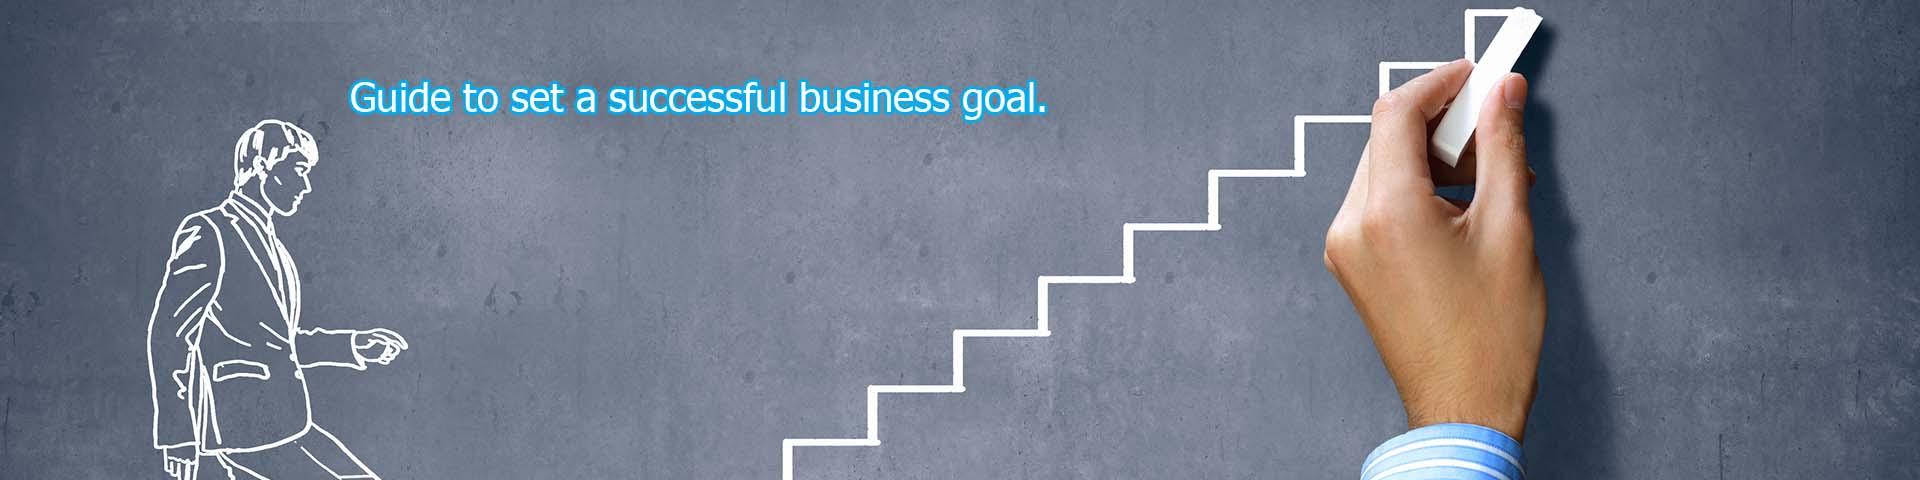 แนะนำ กำหนดเส้นทาง เป้าหมายการทำธุรกิจให้ประสบความสำเร็จ